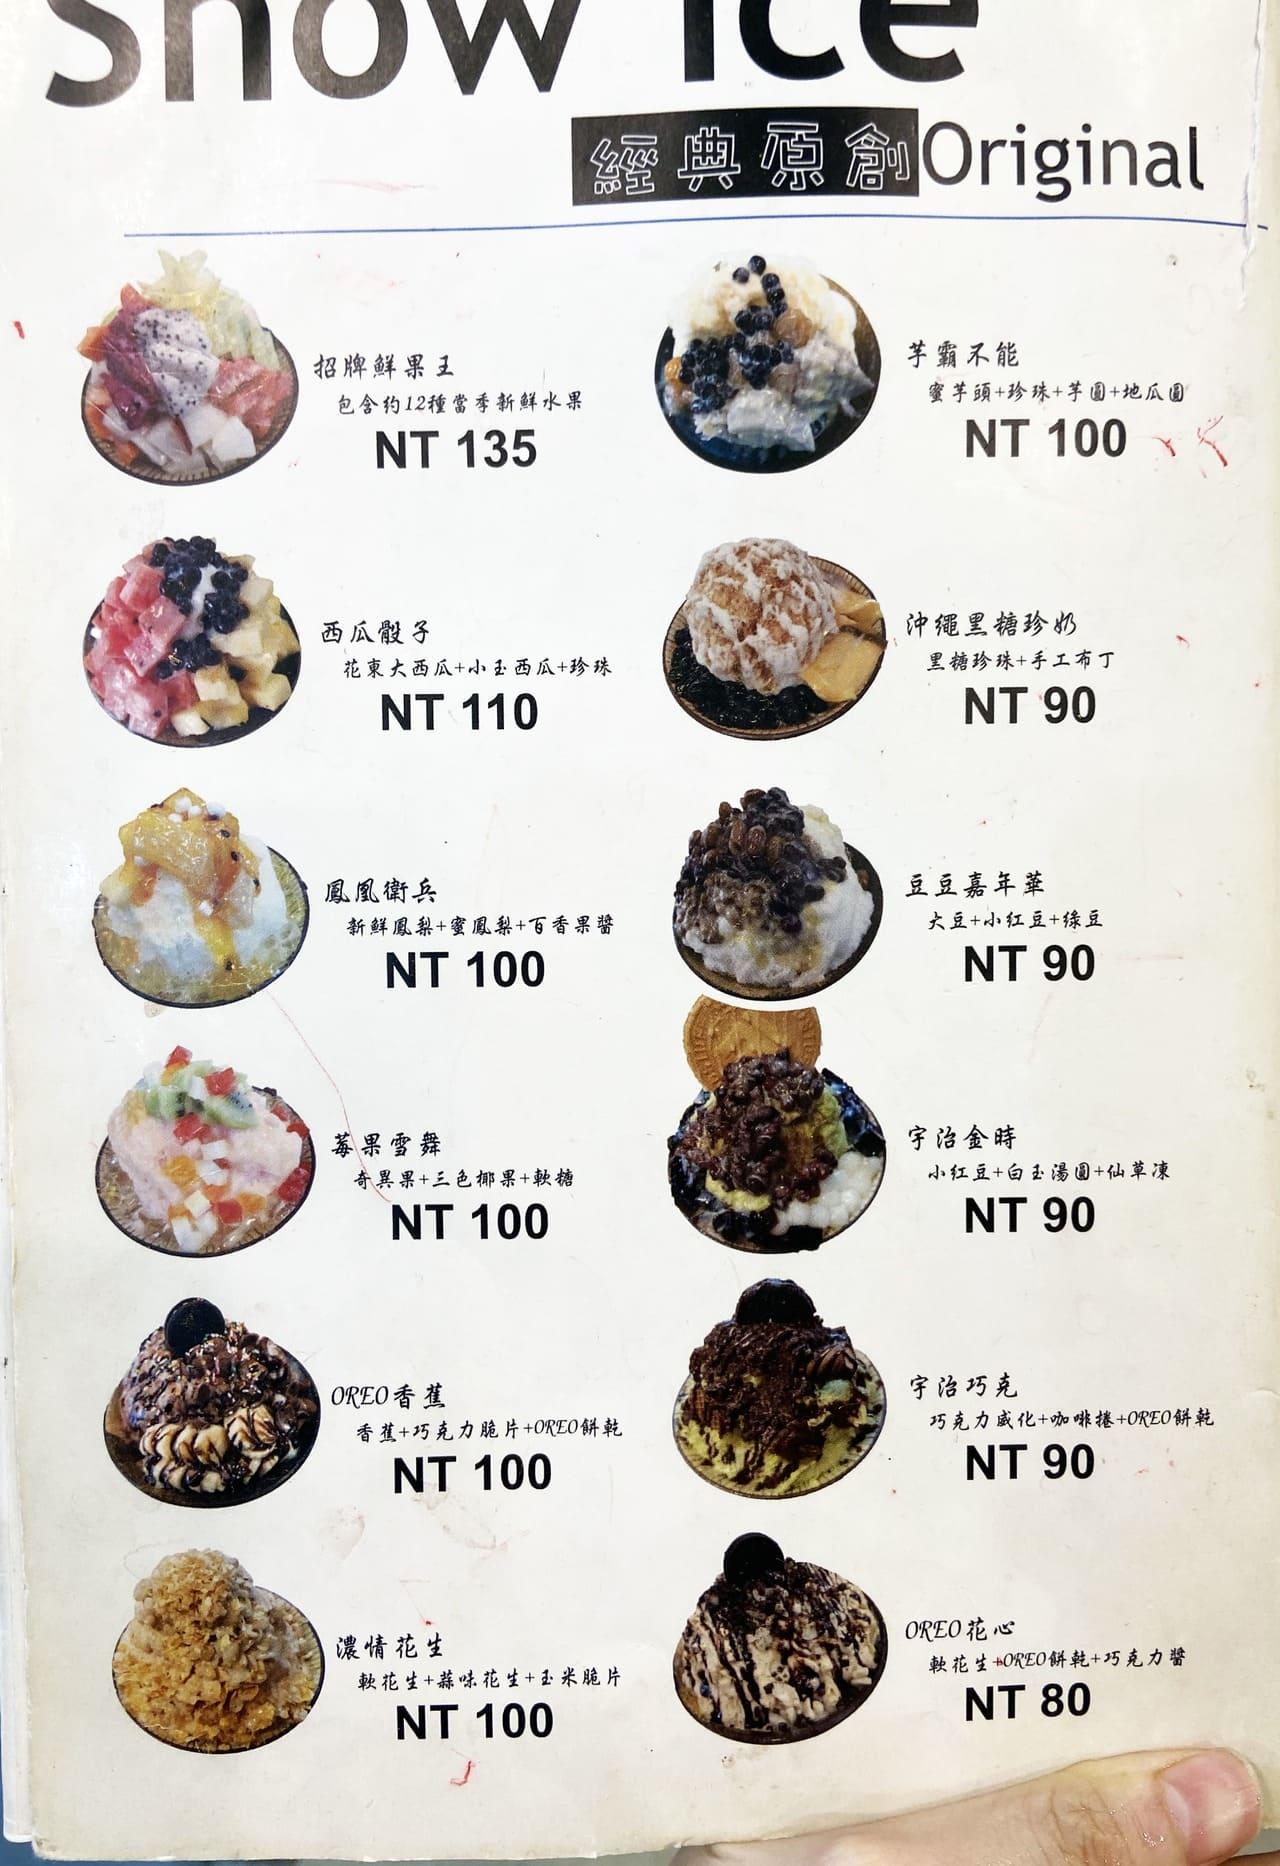 鮮果王冰品專賣店 菜單